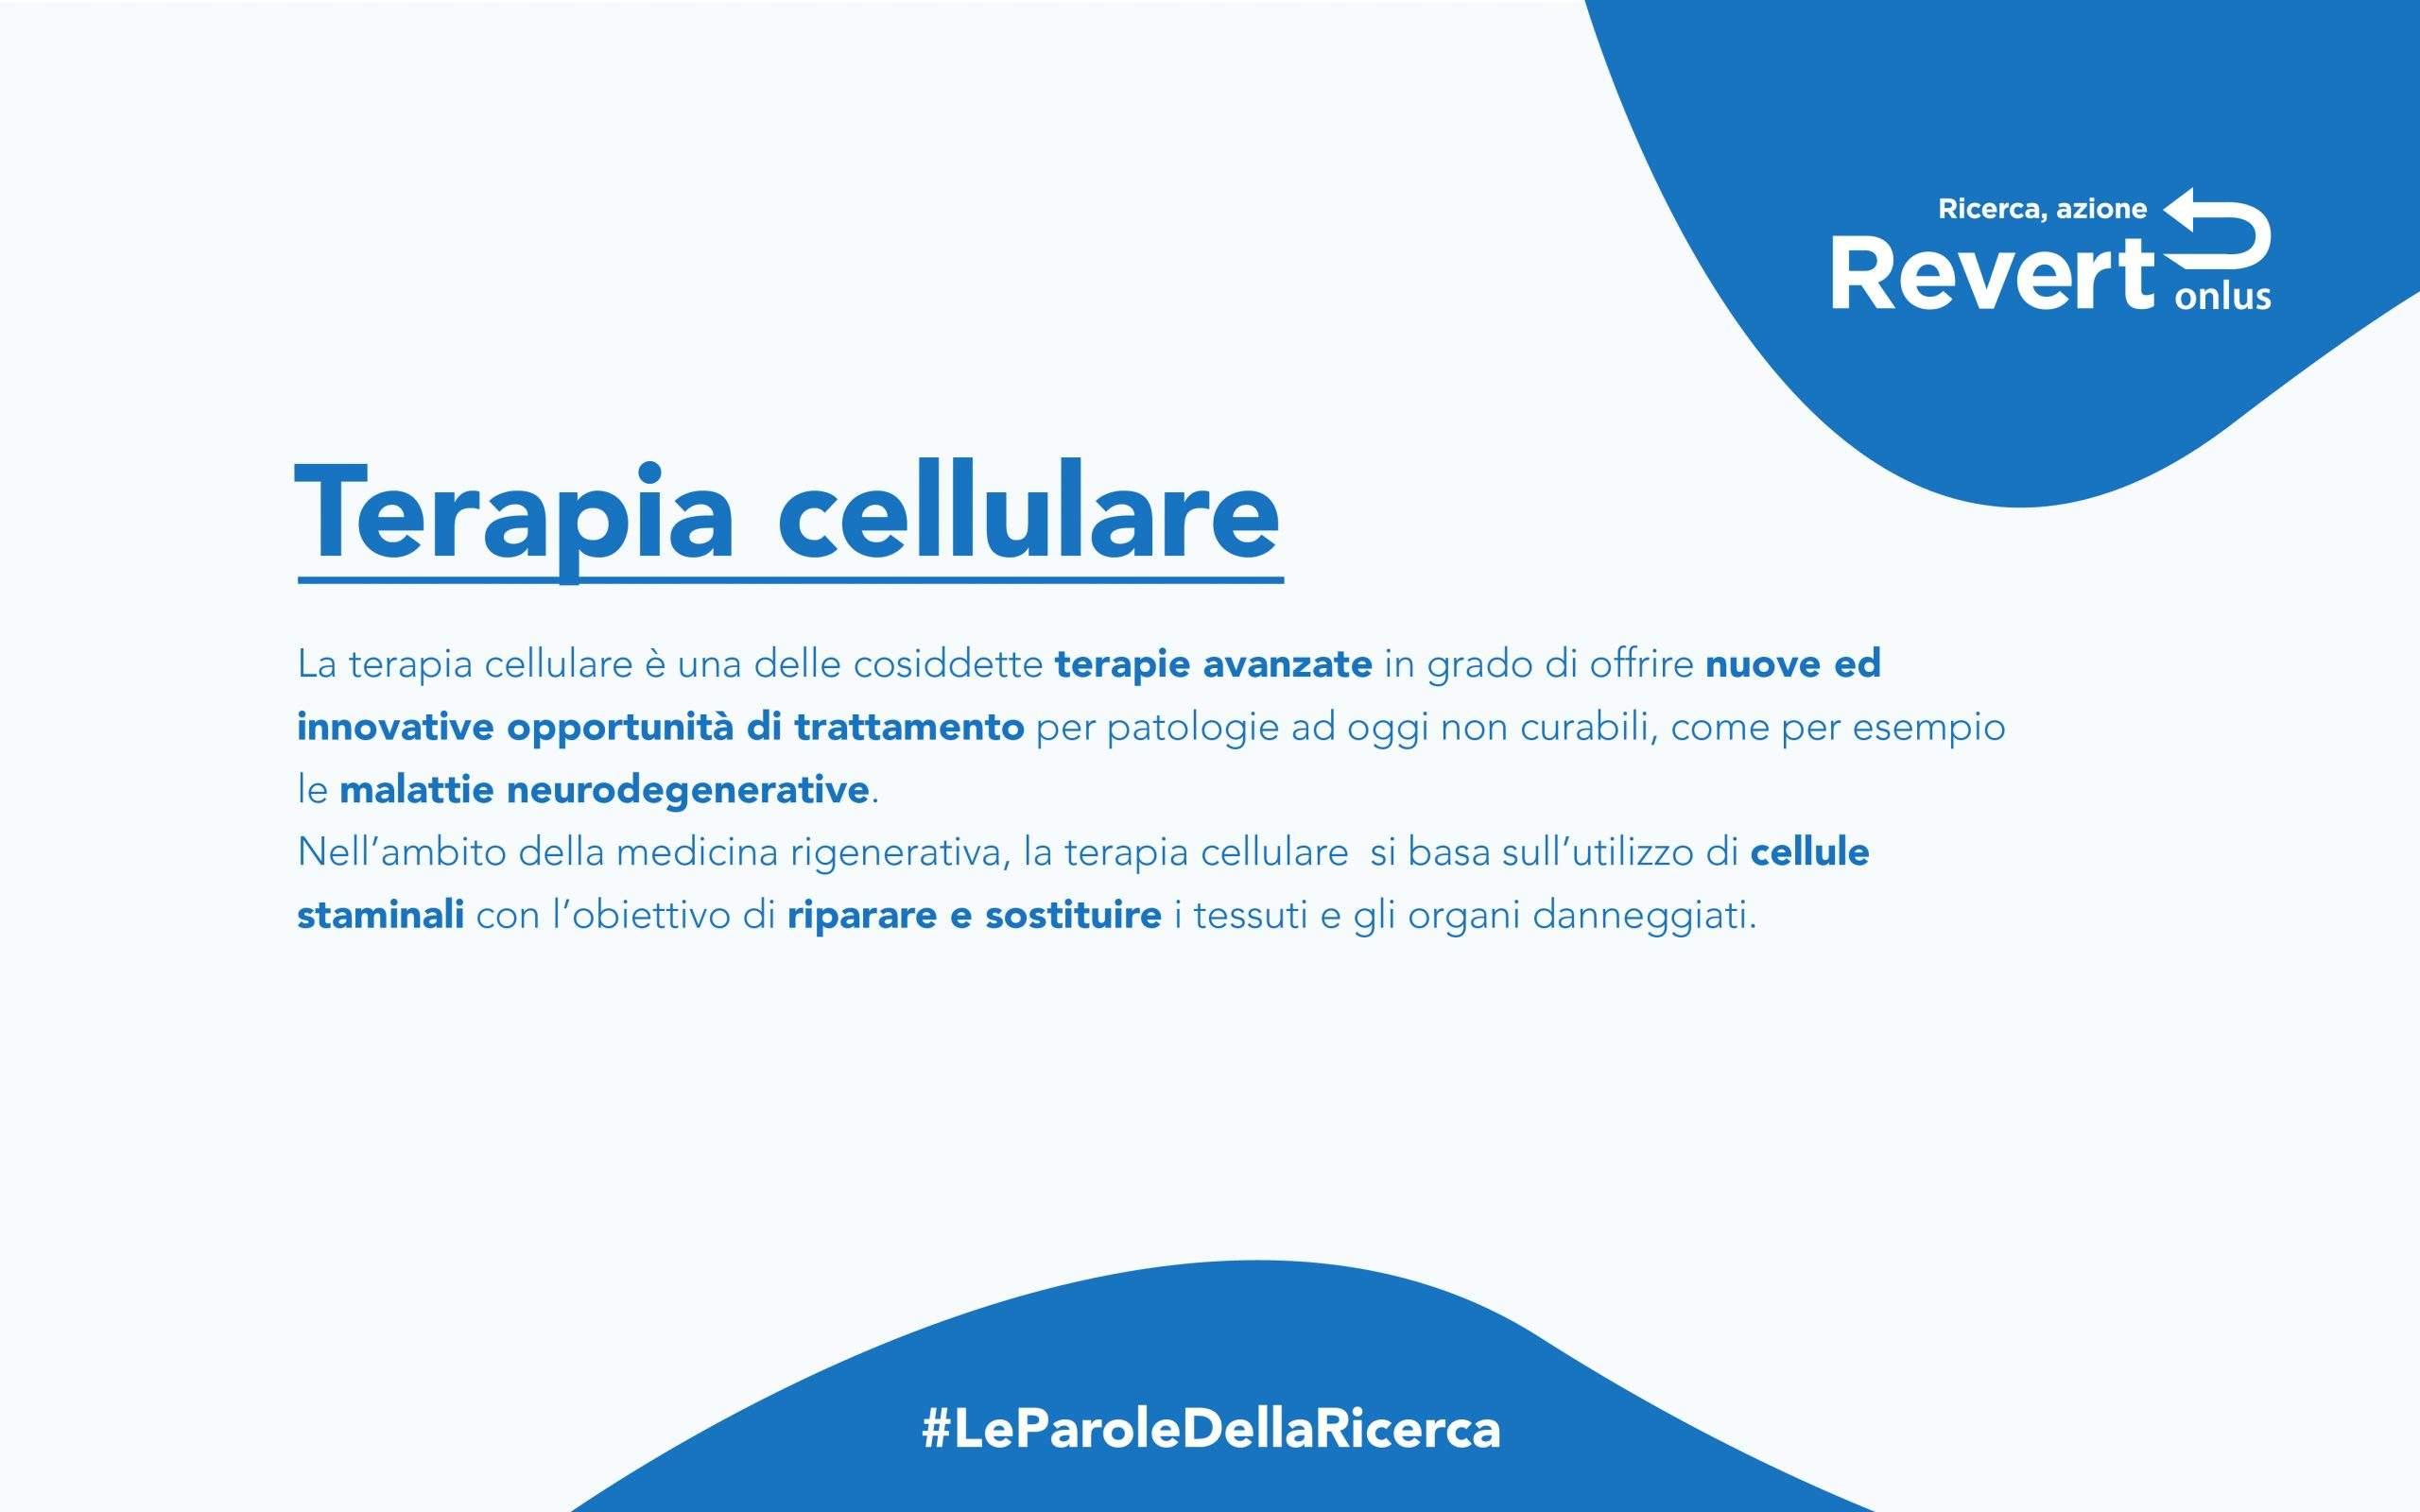 terapia cellulare